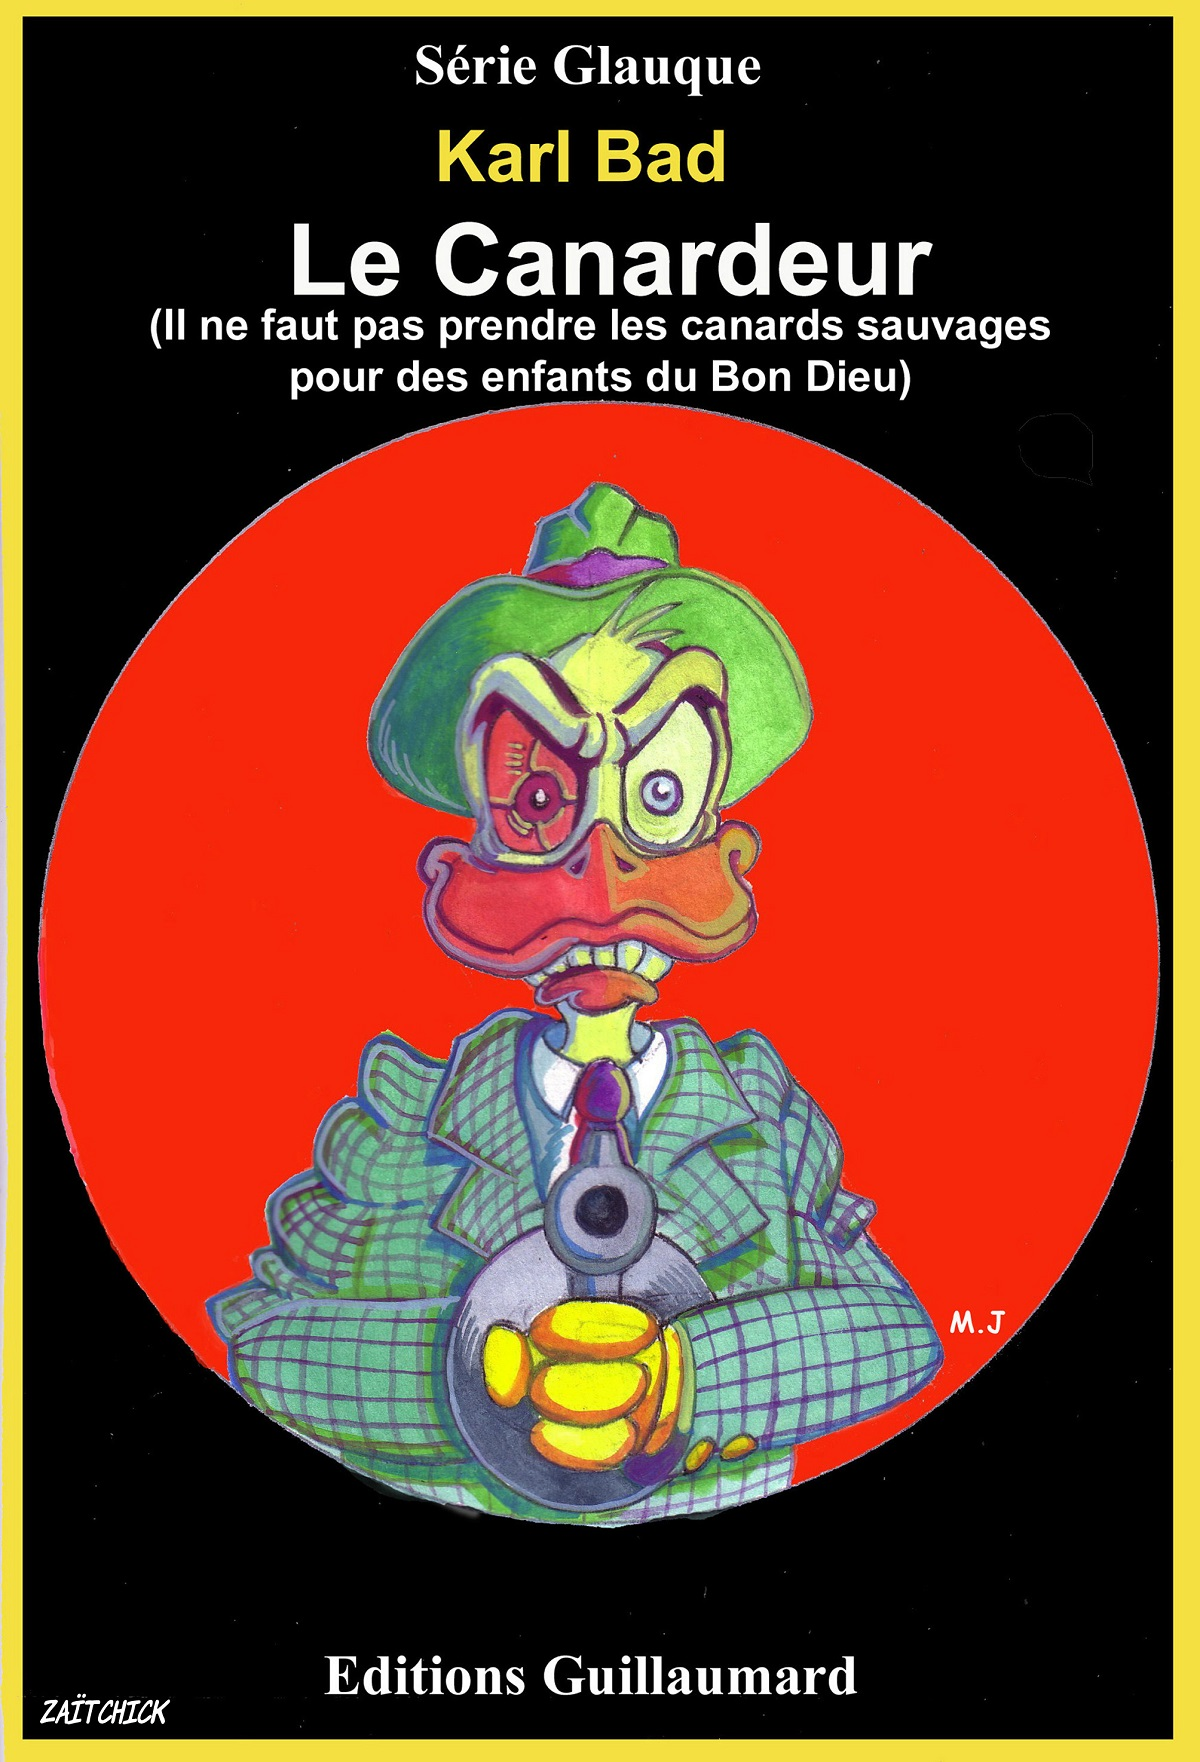 """dessin parodique d'une couverture de la Série Noire de Gallimard """"Le Canardeur"""" de Karl Bad"""